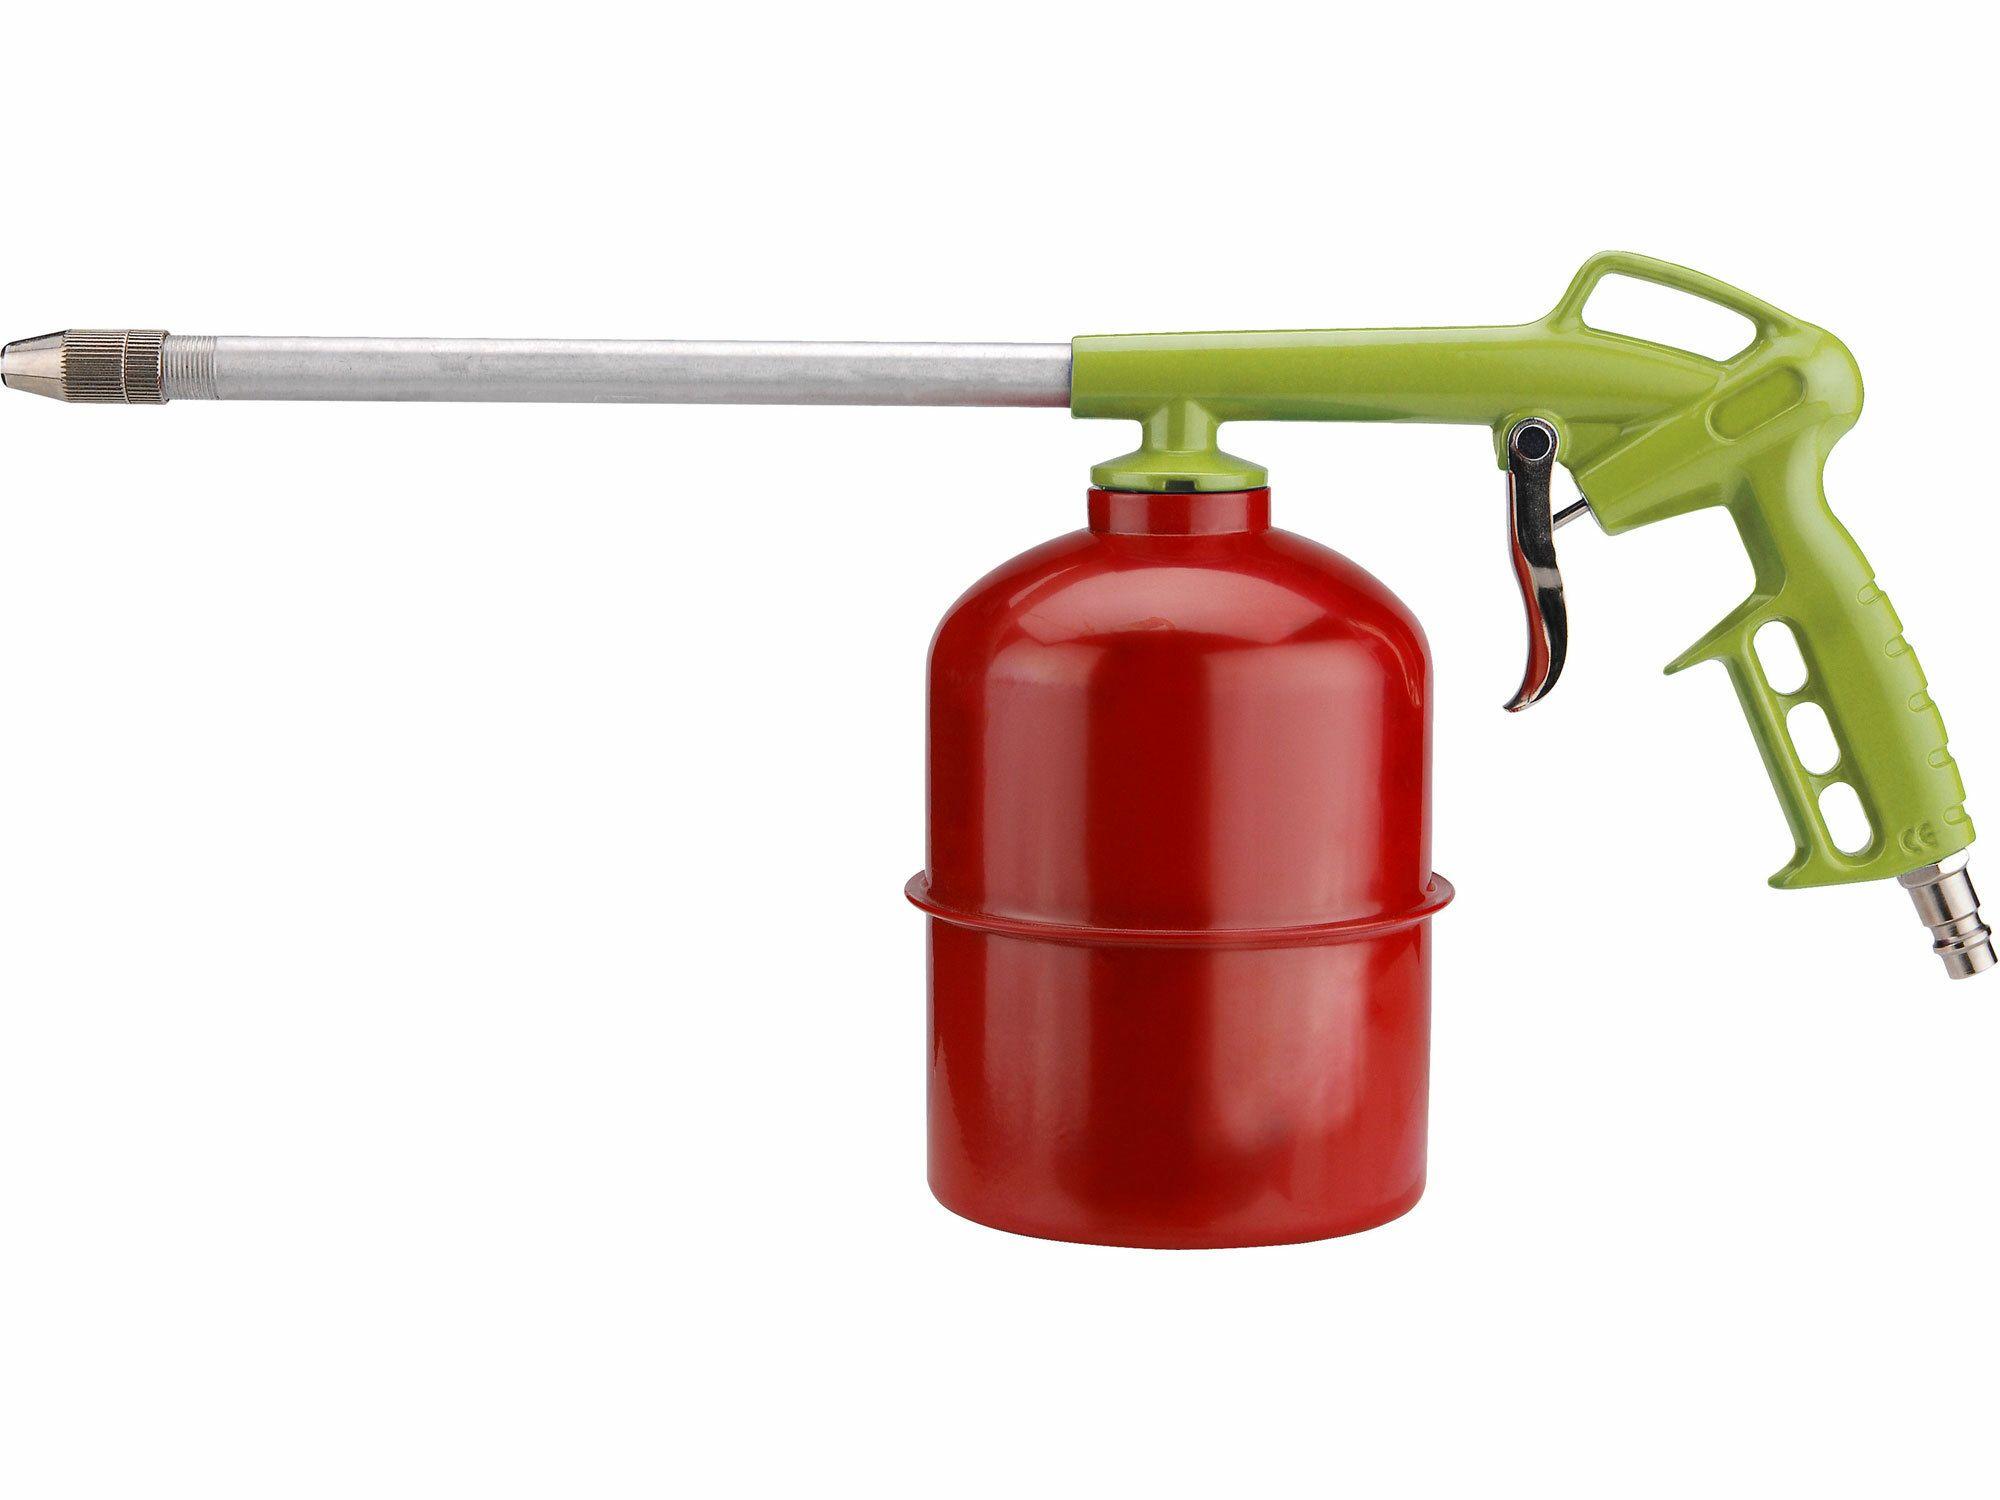 Pistole mlžící, max. 3-5bar (0,3-0,5MPa), objem nádobky 900ml, 99313 EXTOL-CRAFT